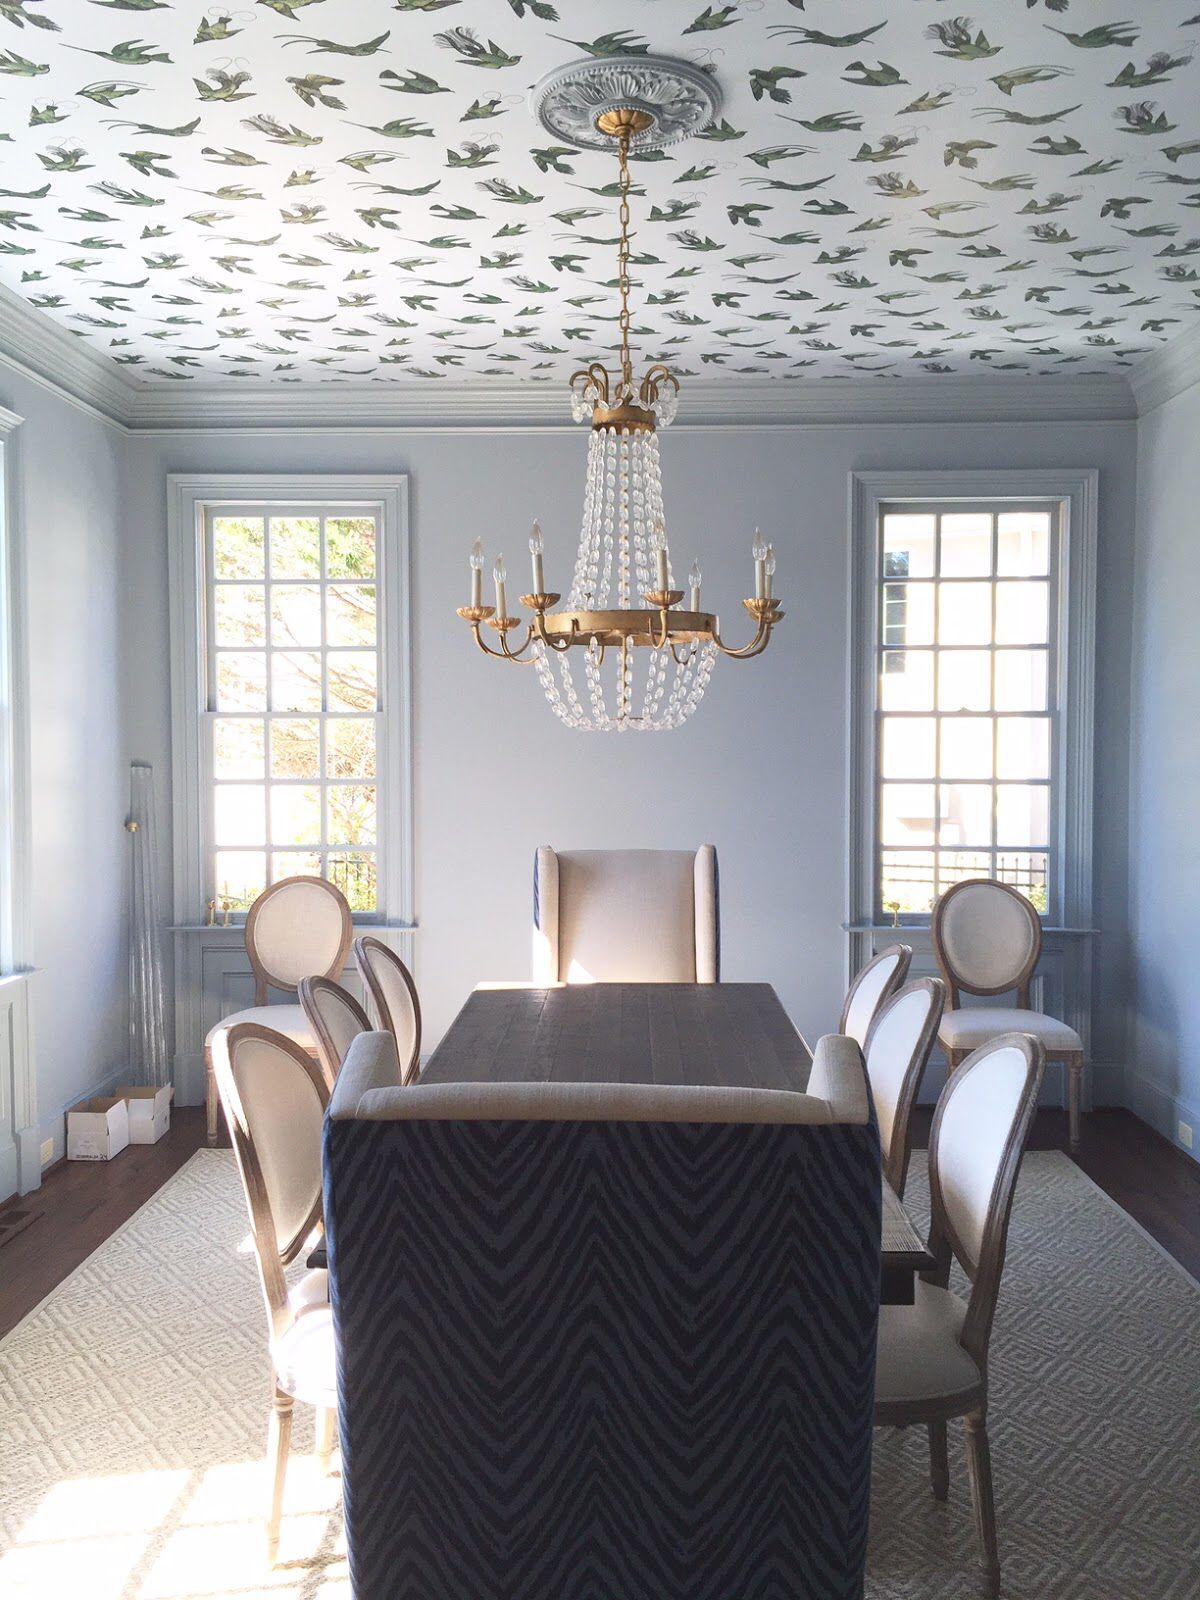 Statement Ceilings - Interior Design Trends of 2019